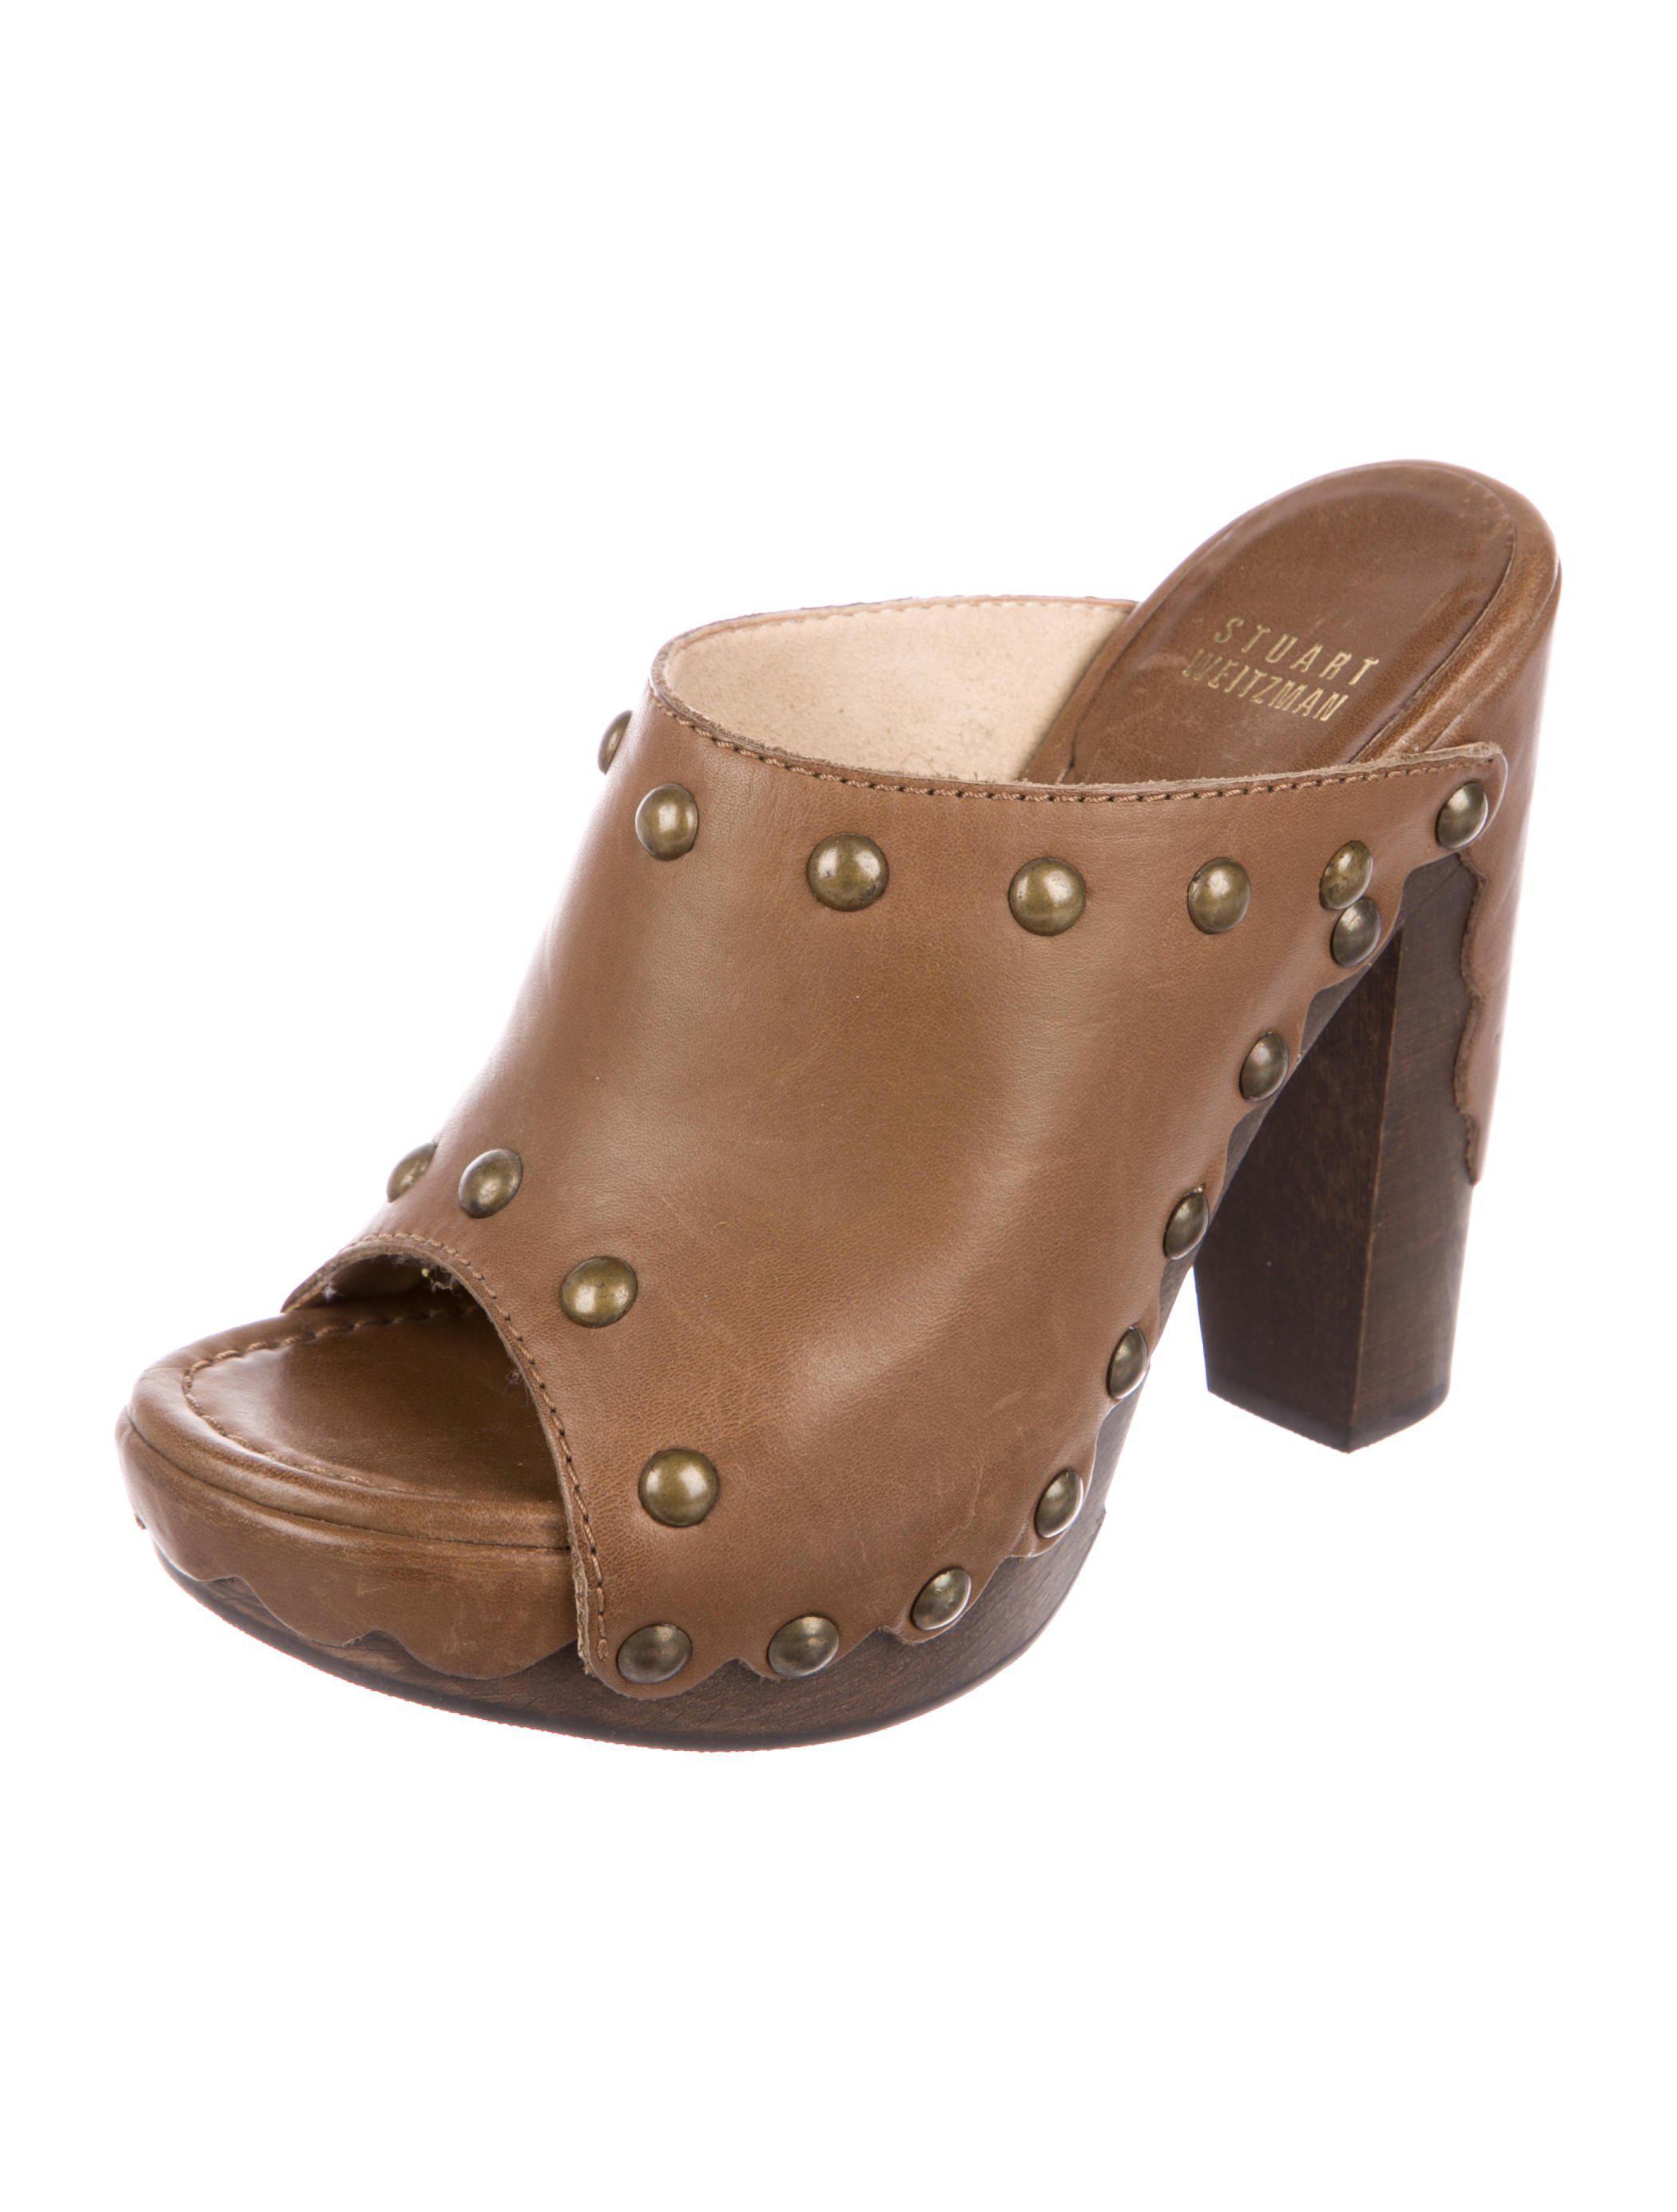 des sandales en Marron cuir cloutés catalyseur stuart weitzman dans Marron en  afe074